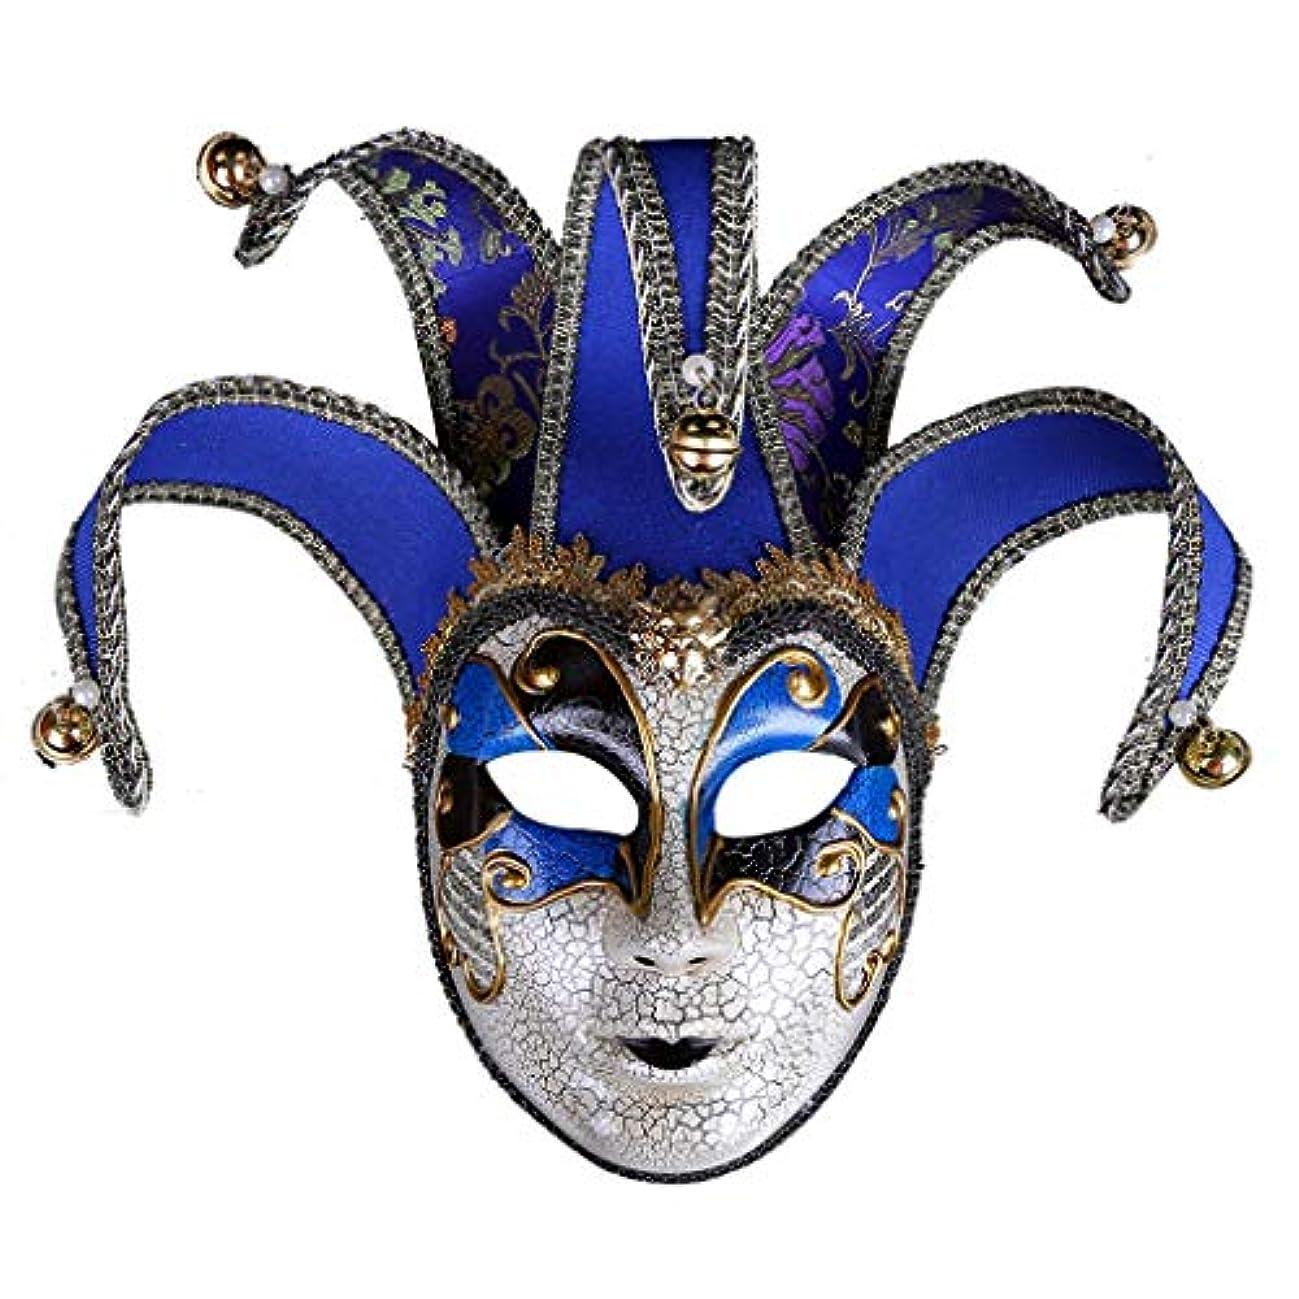 休戦受け入れる謝罪するハロウィンマスクヴィンテージマスク女性のアダルトマスクヴェネツィアフェスティバルプロップフェイスデコレーション仮装クリエイティブマスク (Color : RED)